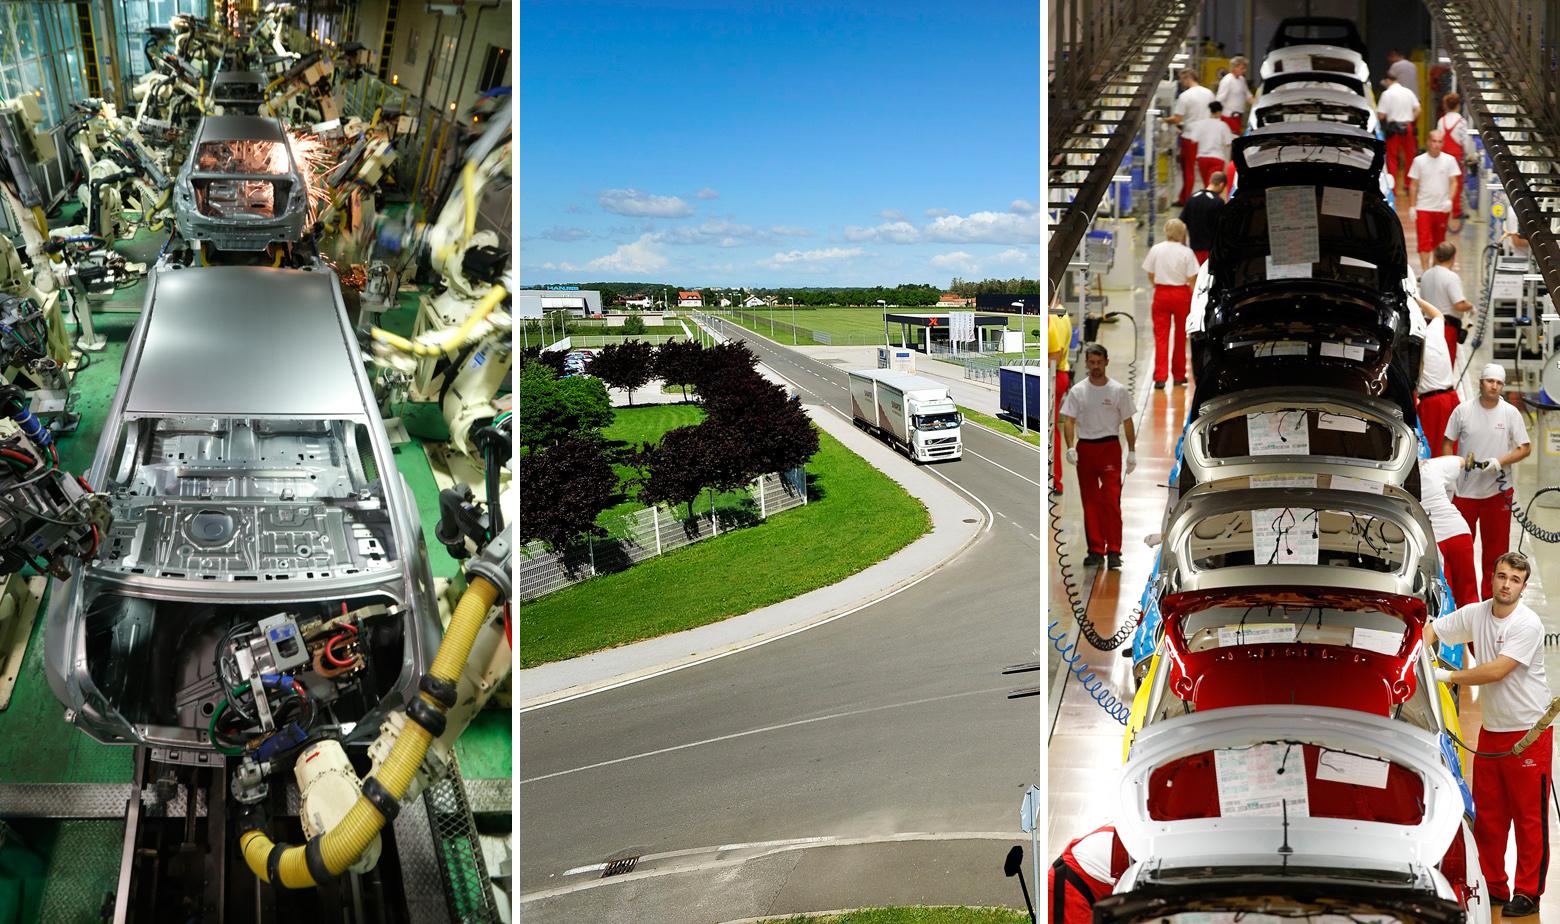 Ilustracija: Tvornica Hyundaija u Južnoj Koreji, poslovna zona u Trnovcu Bartolovečkom pokraj Varaždina i tvornice Kije u Žilini, Slovačka